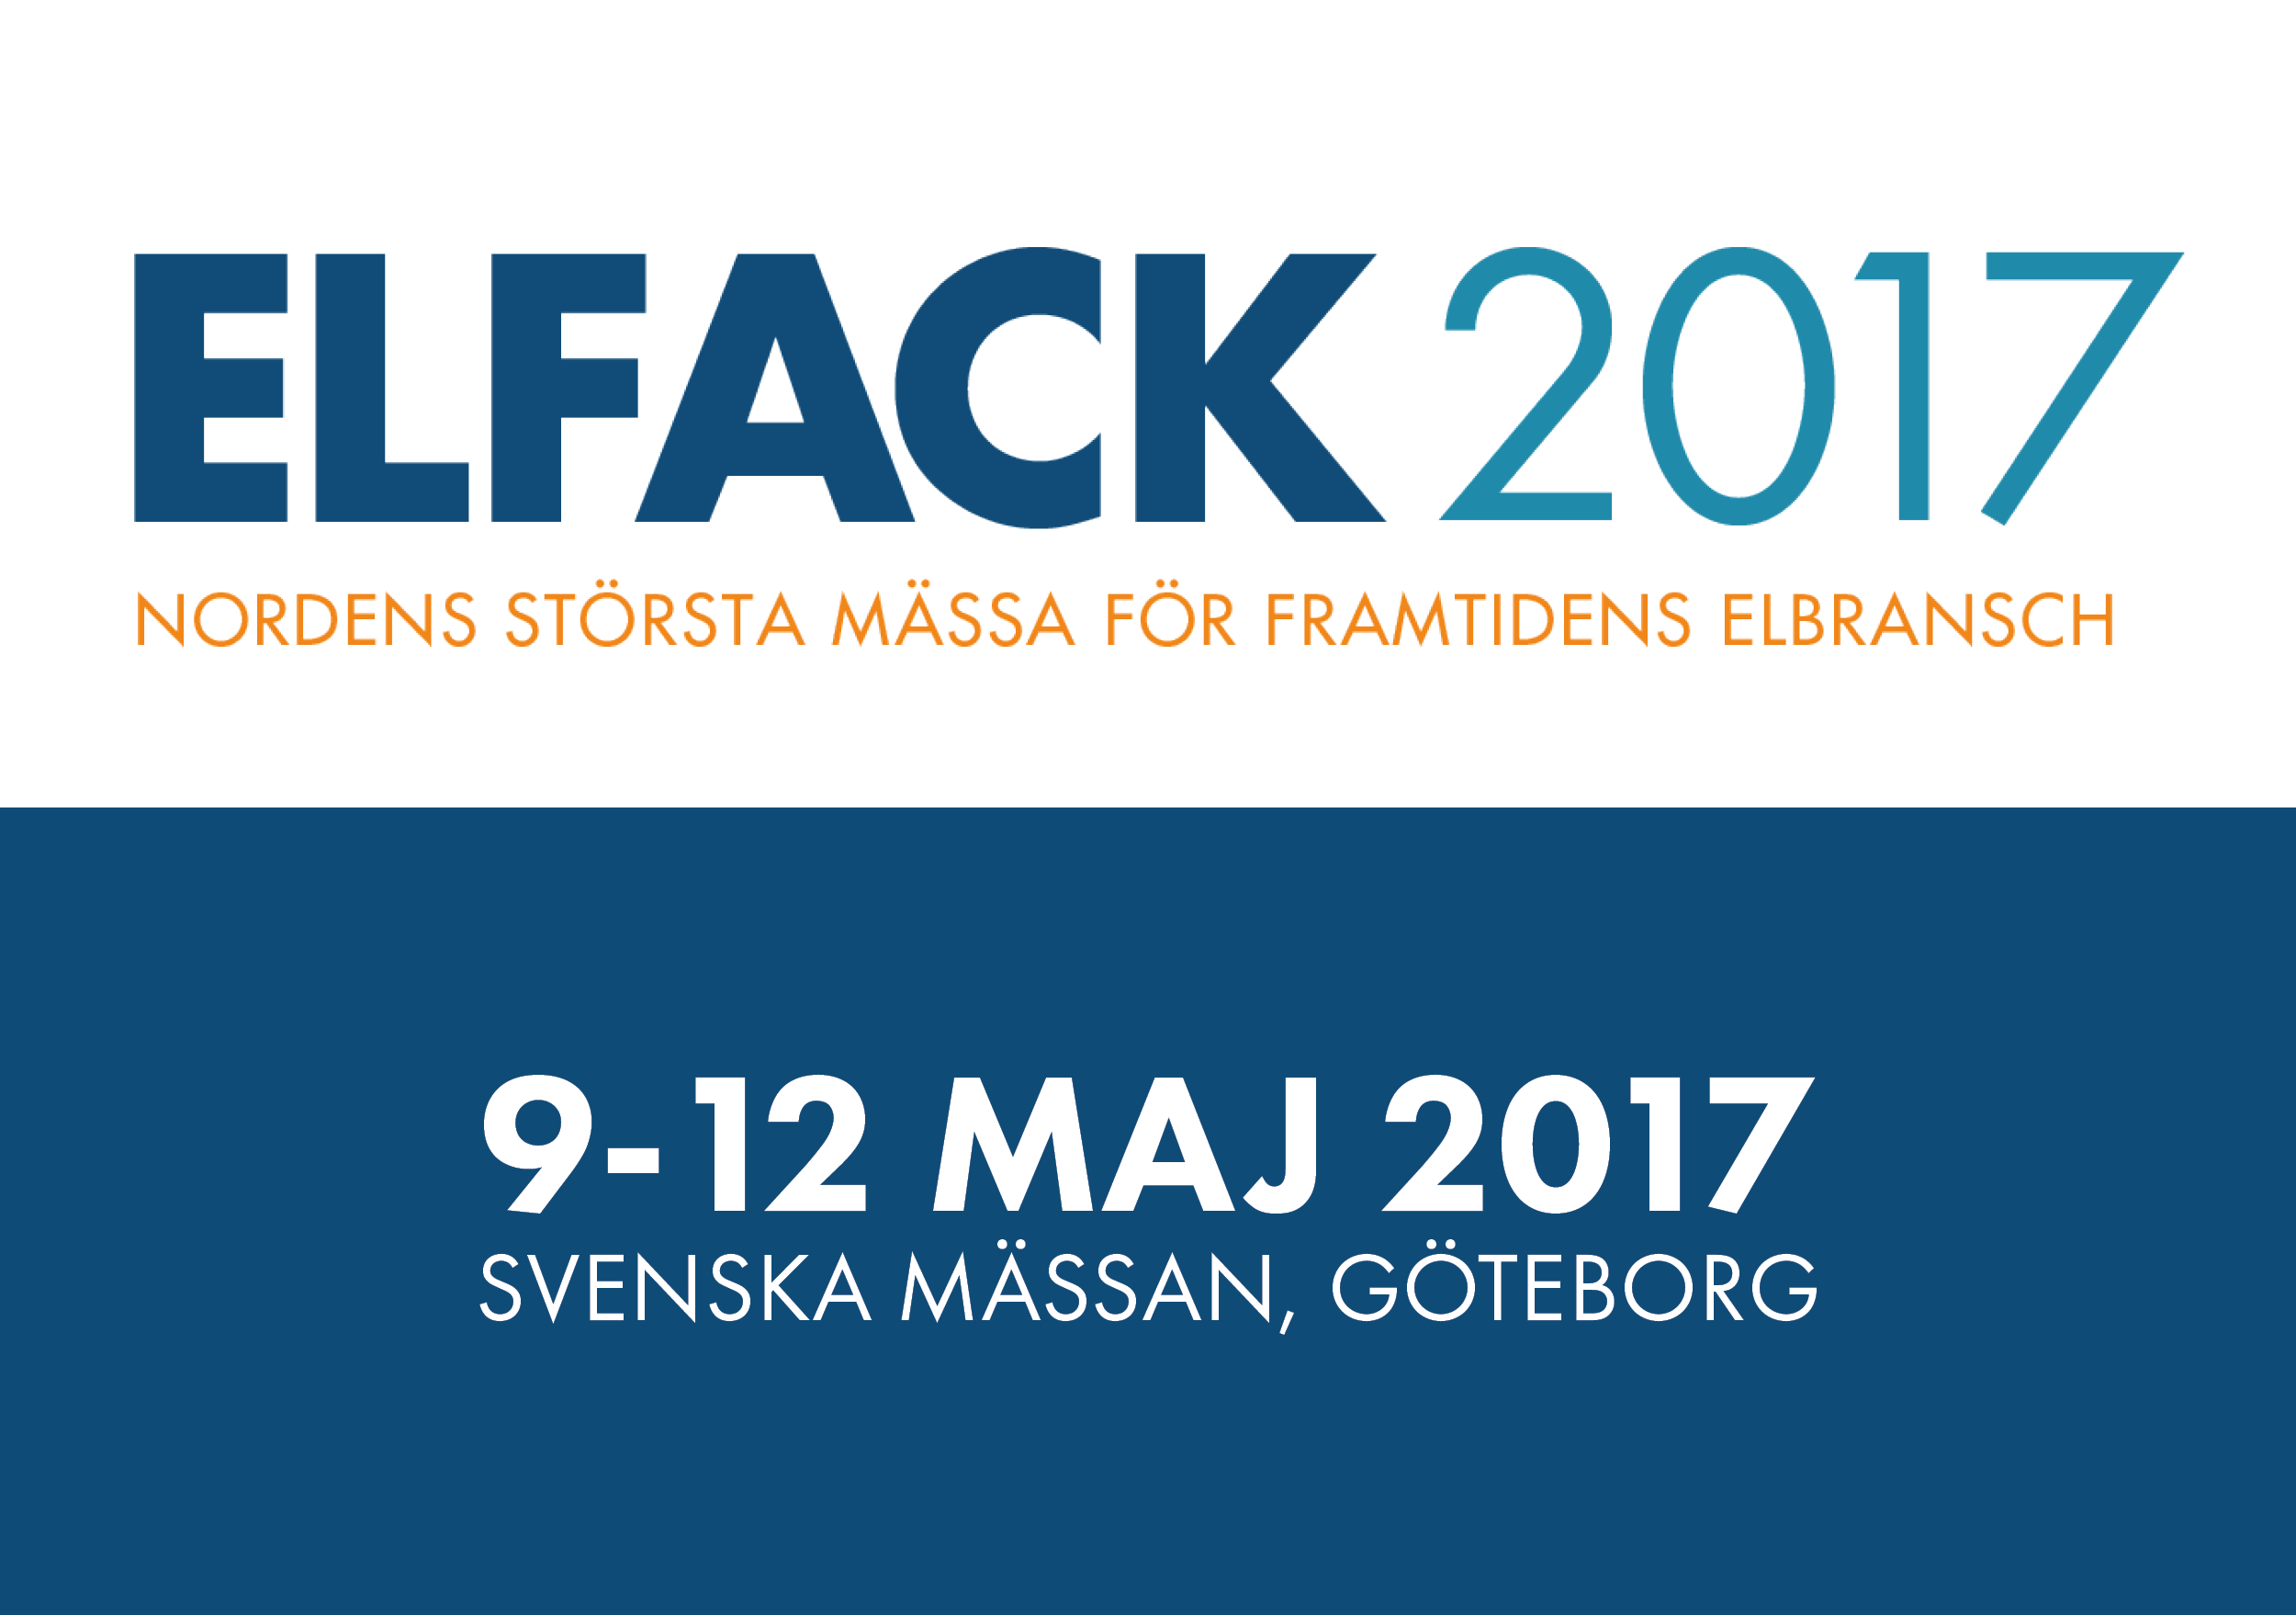 Elfack2017